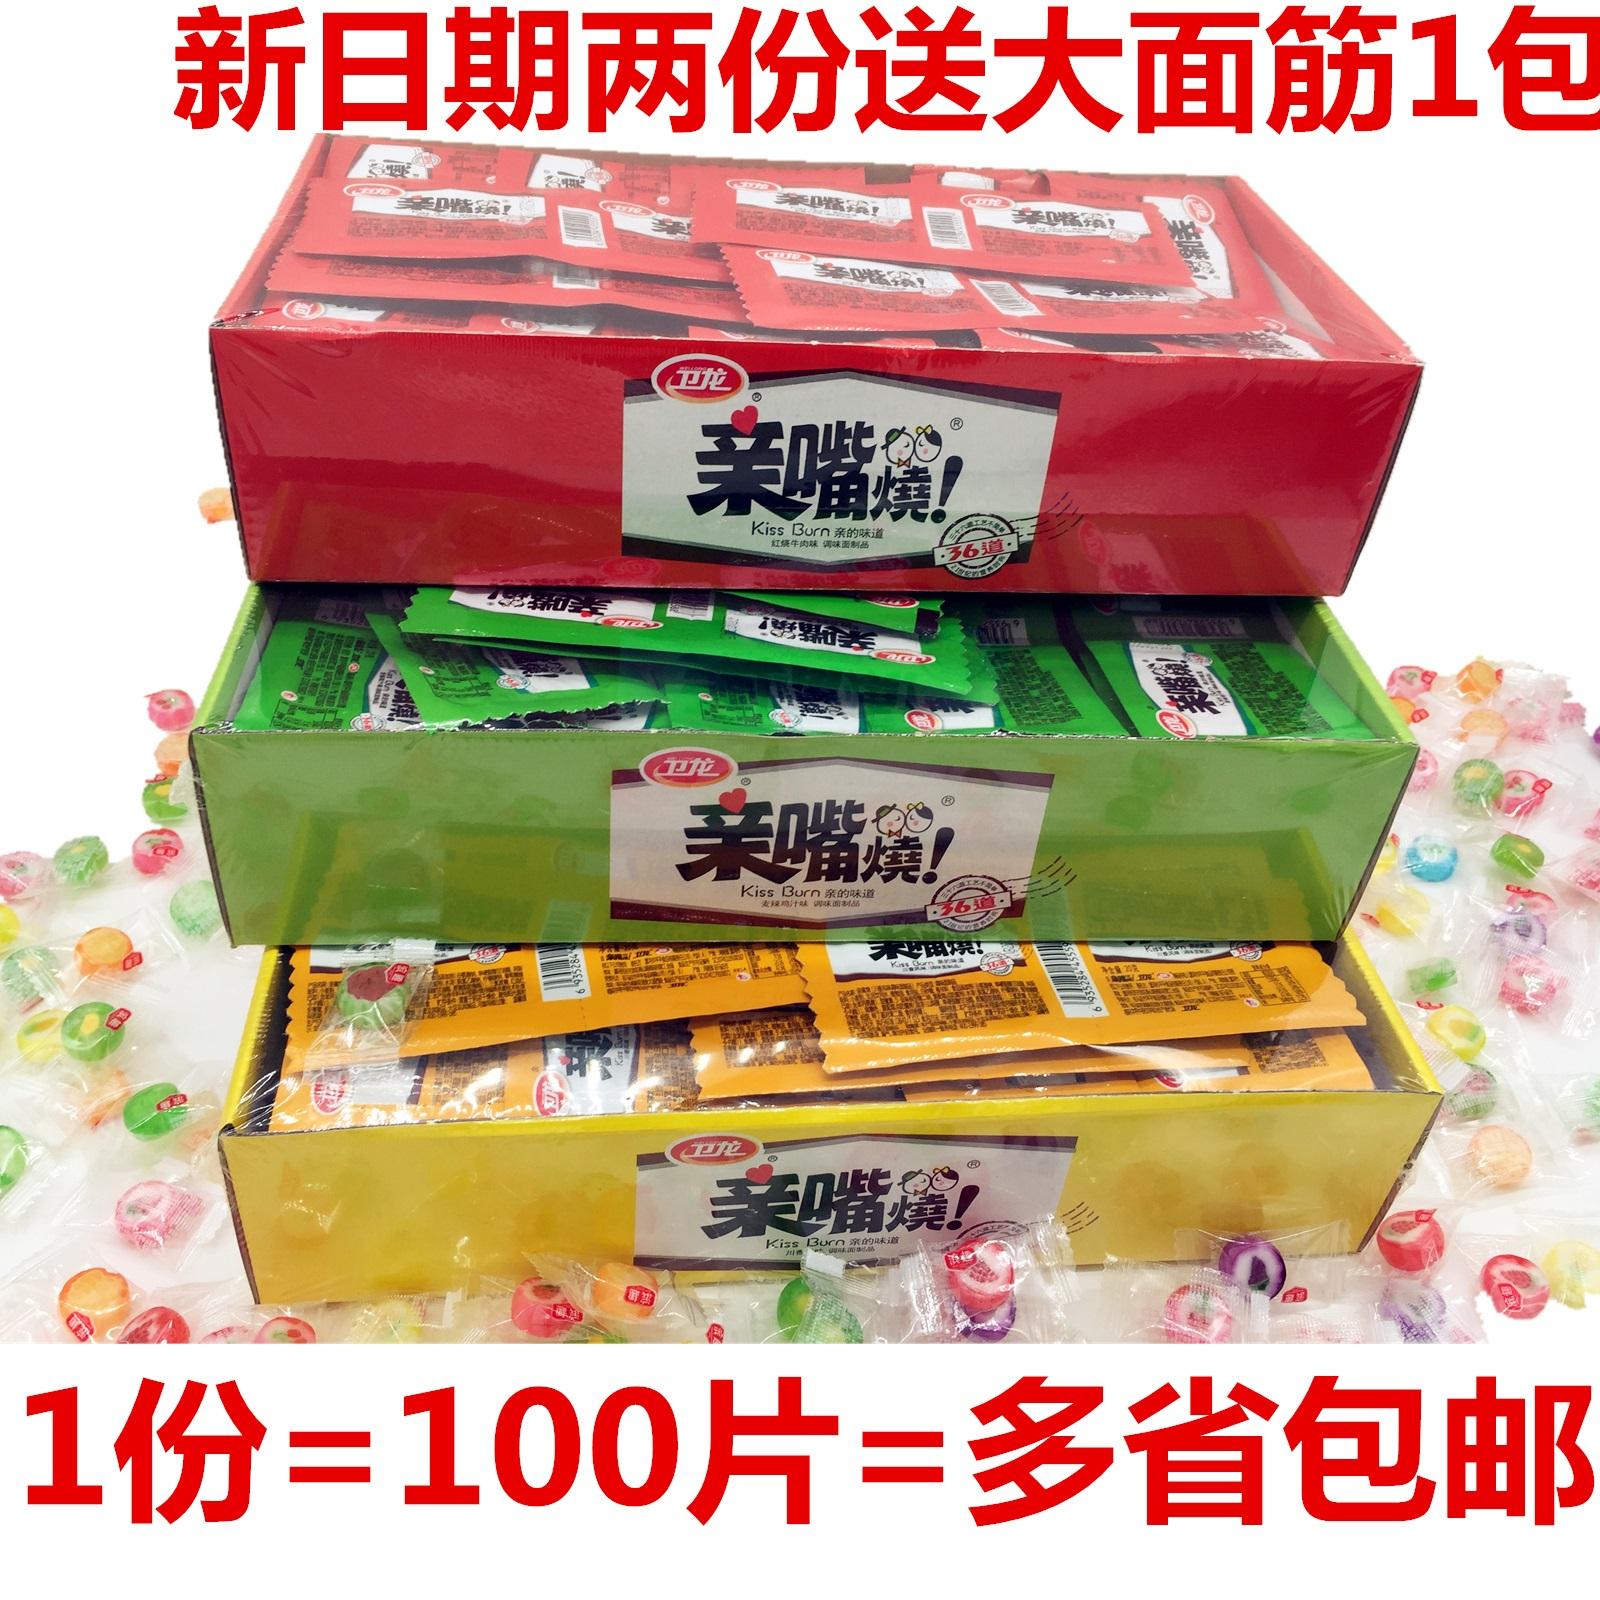 卫龙亲嘴烧100片盒装亲嘴条辣条辣片香辣麻辣三口味怀旧零食包邮图片